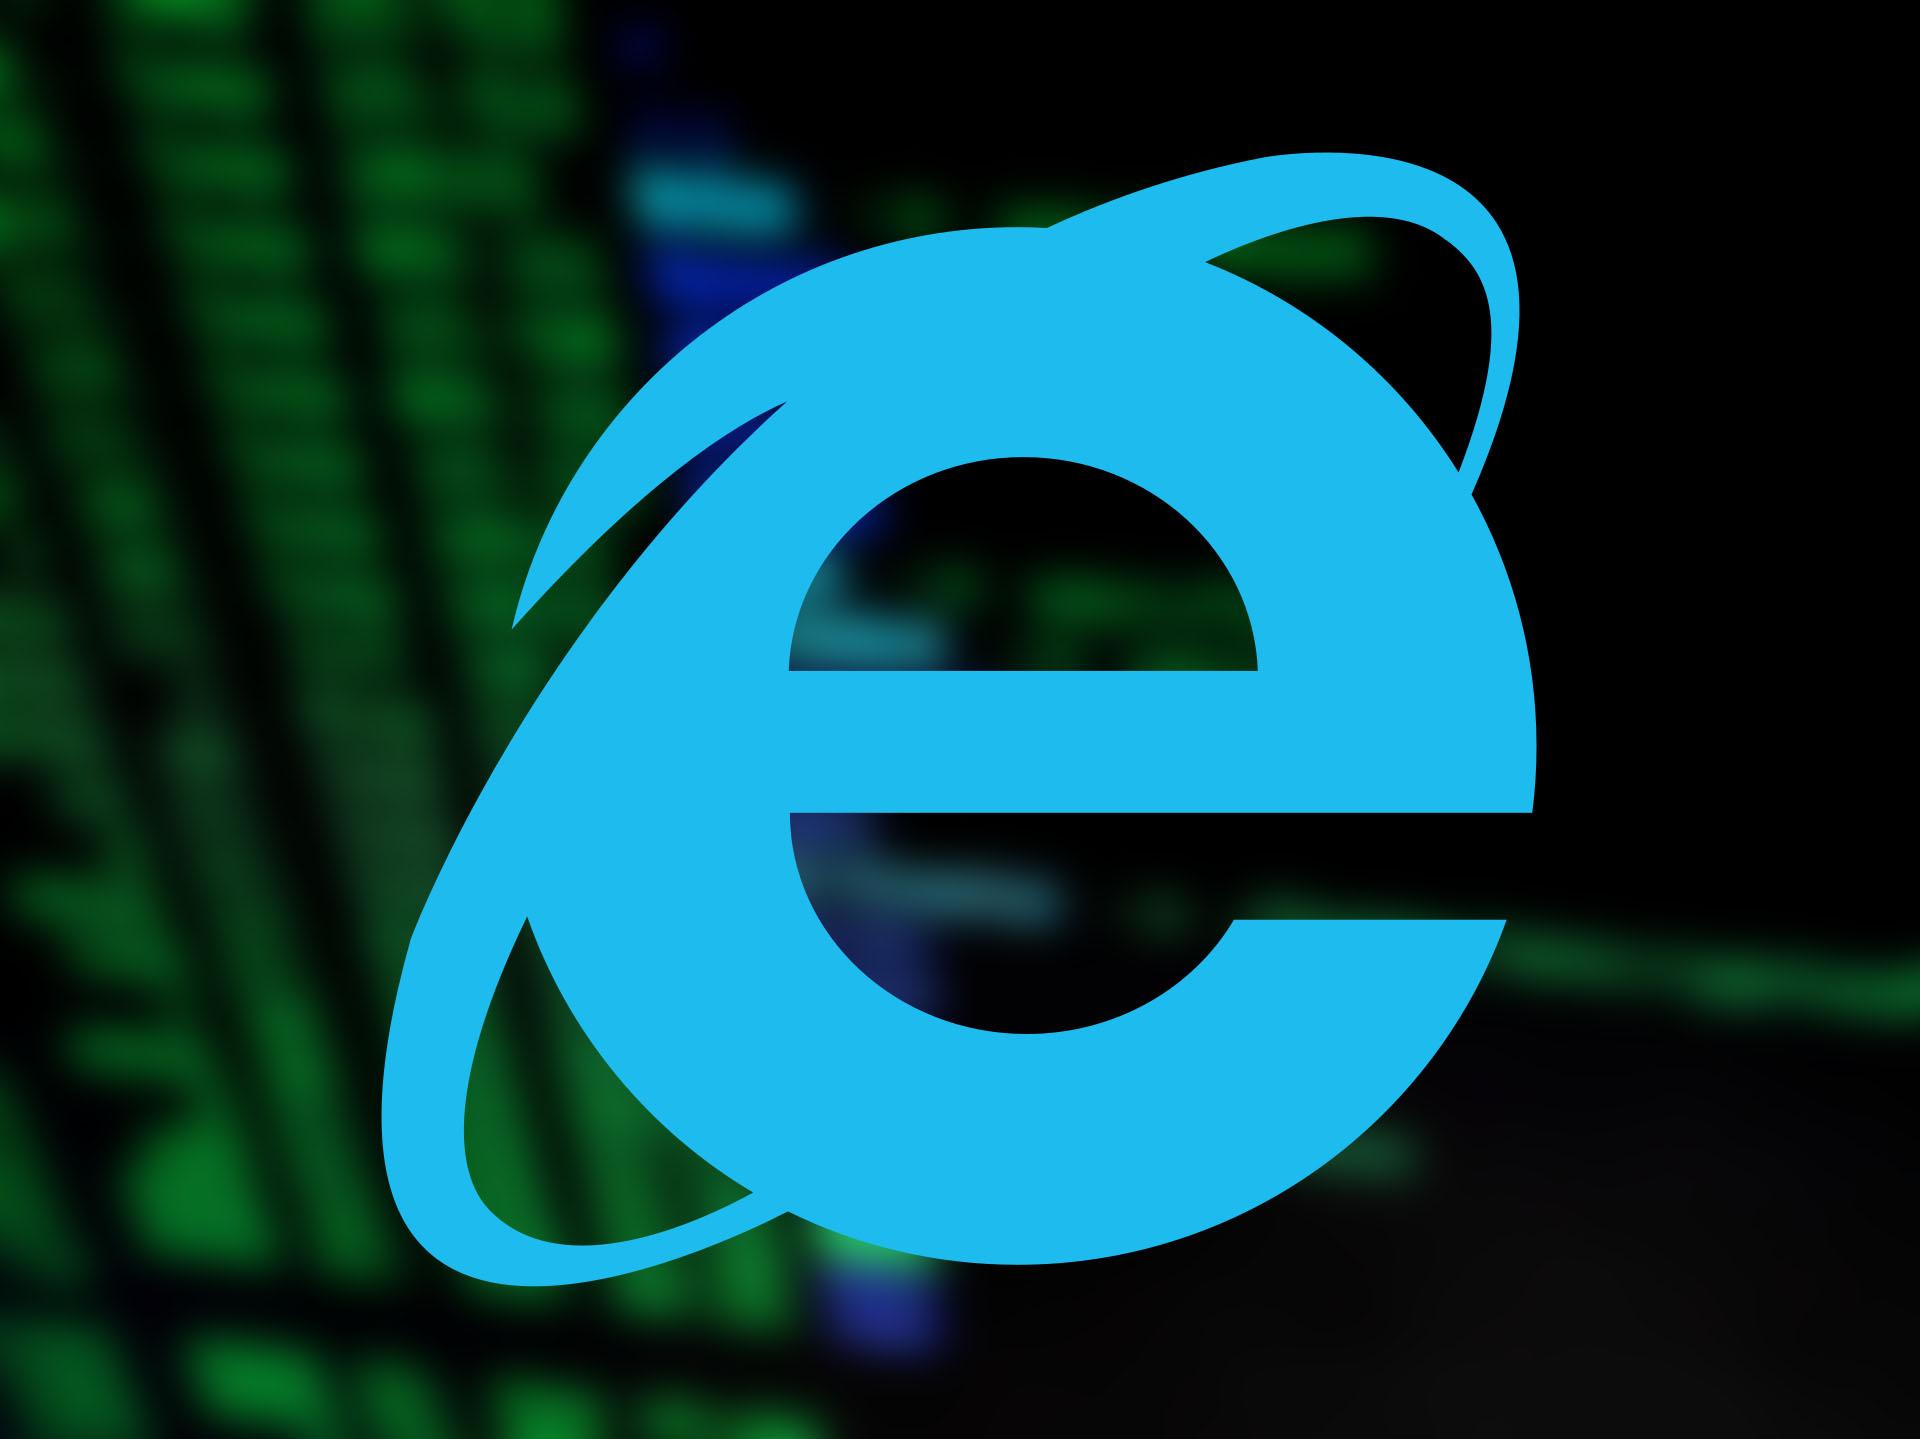 Il est temps de laisser tomber Internet Explorer